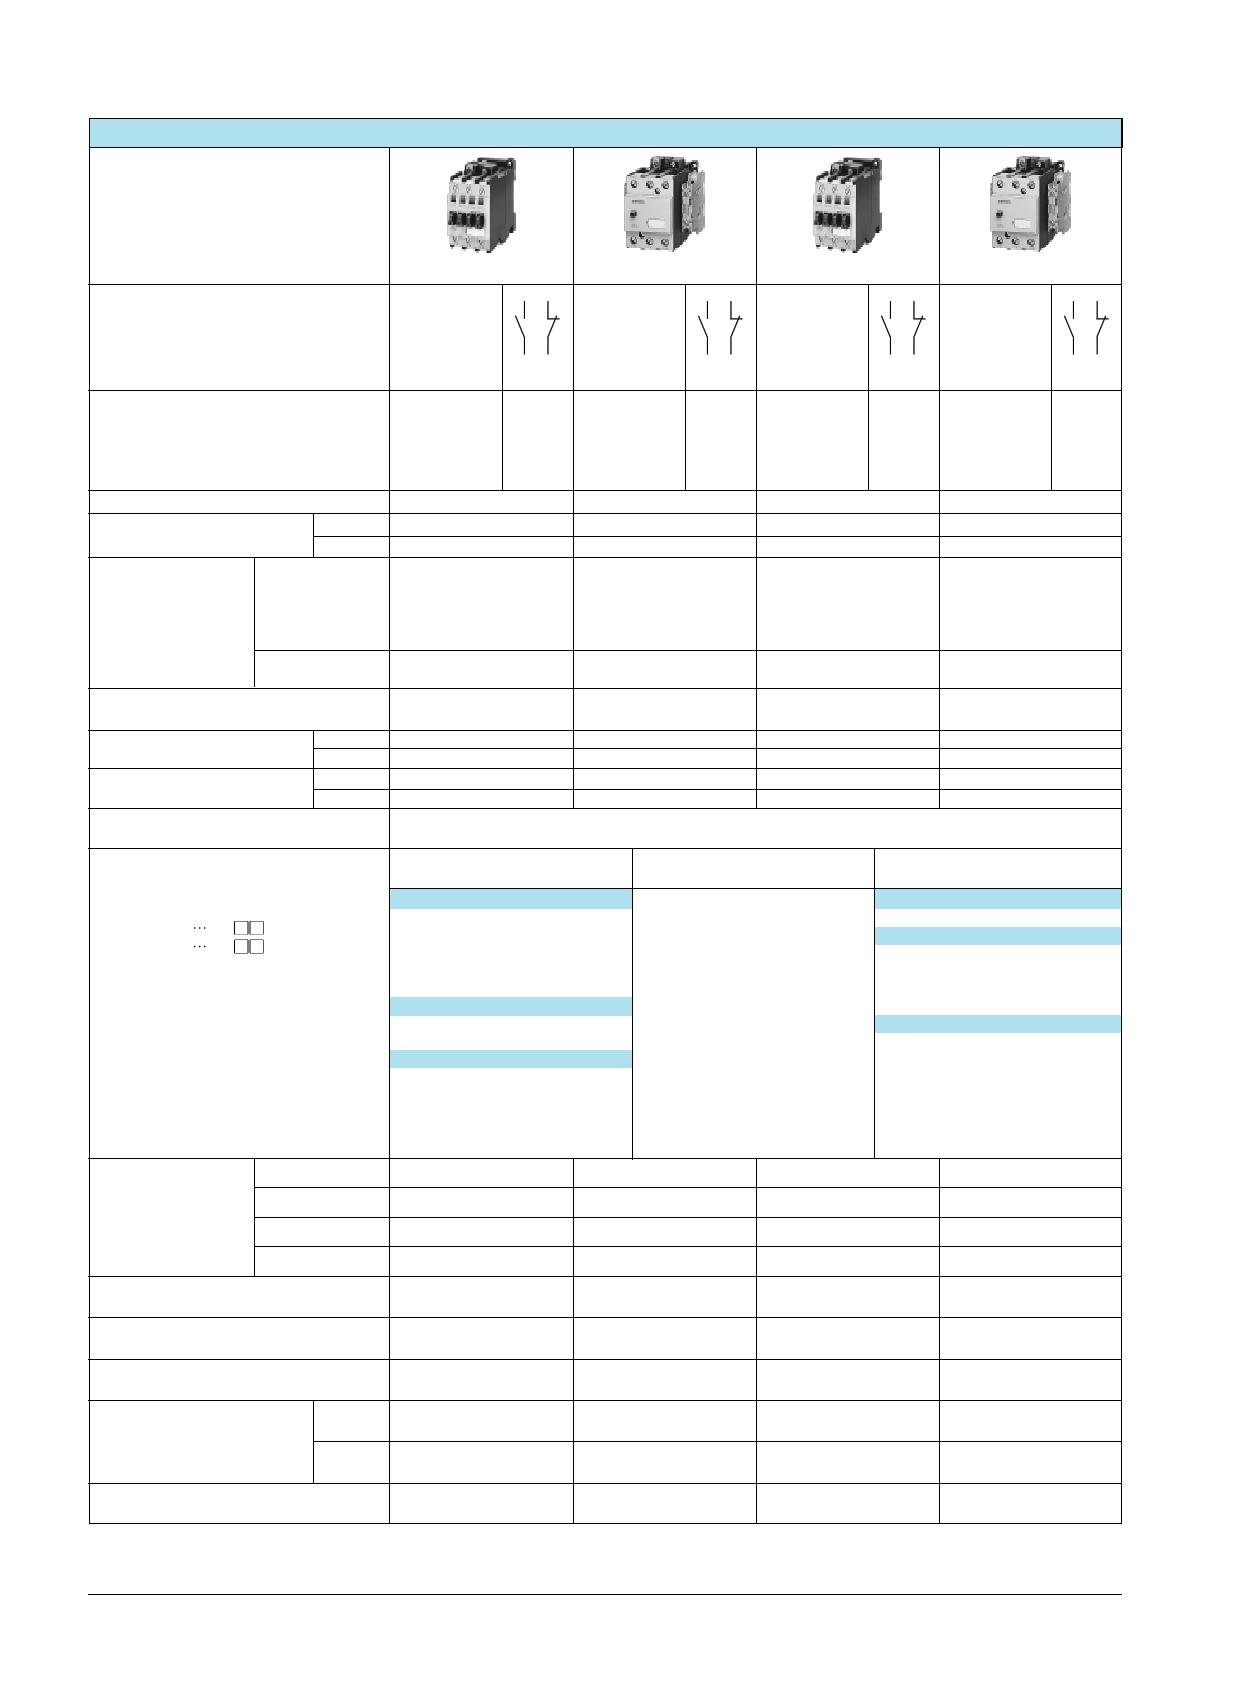 3TF44 pdf, 電子部品, 半導体, ピン配列